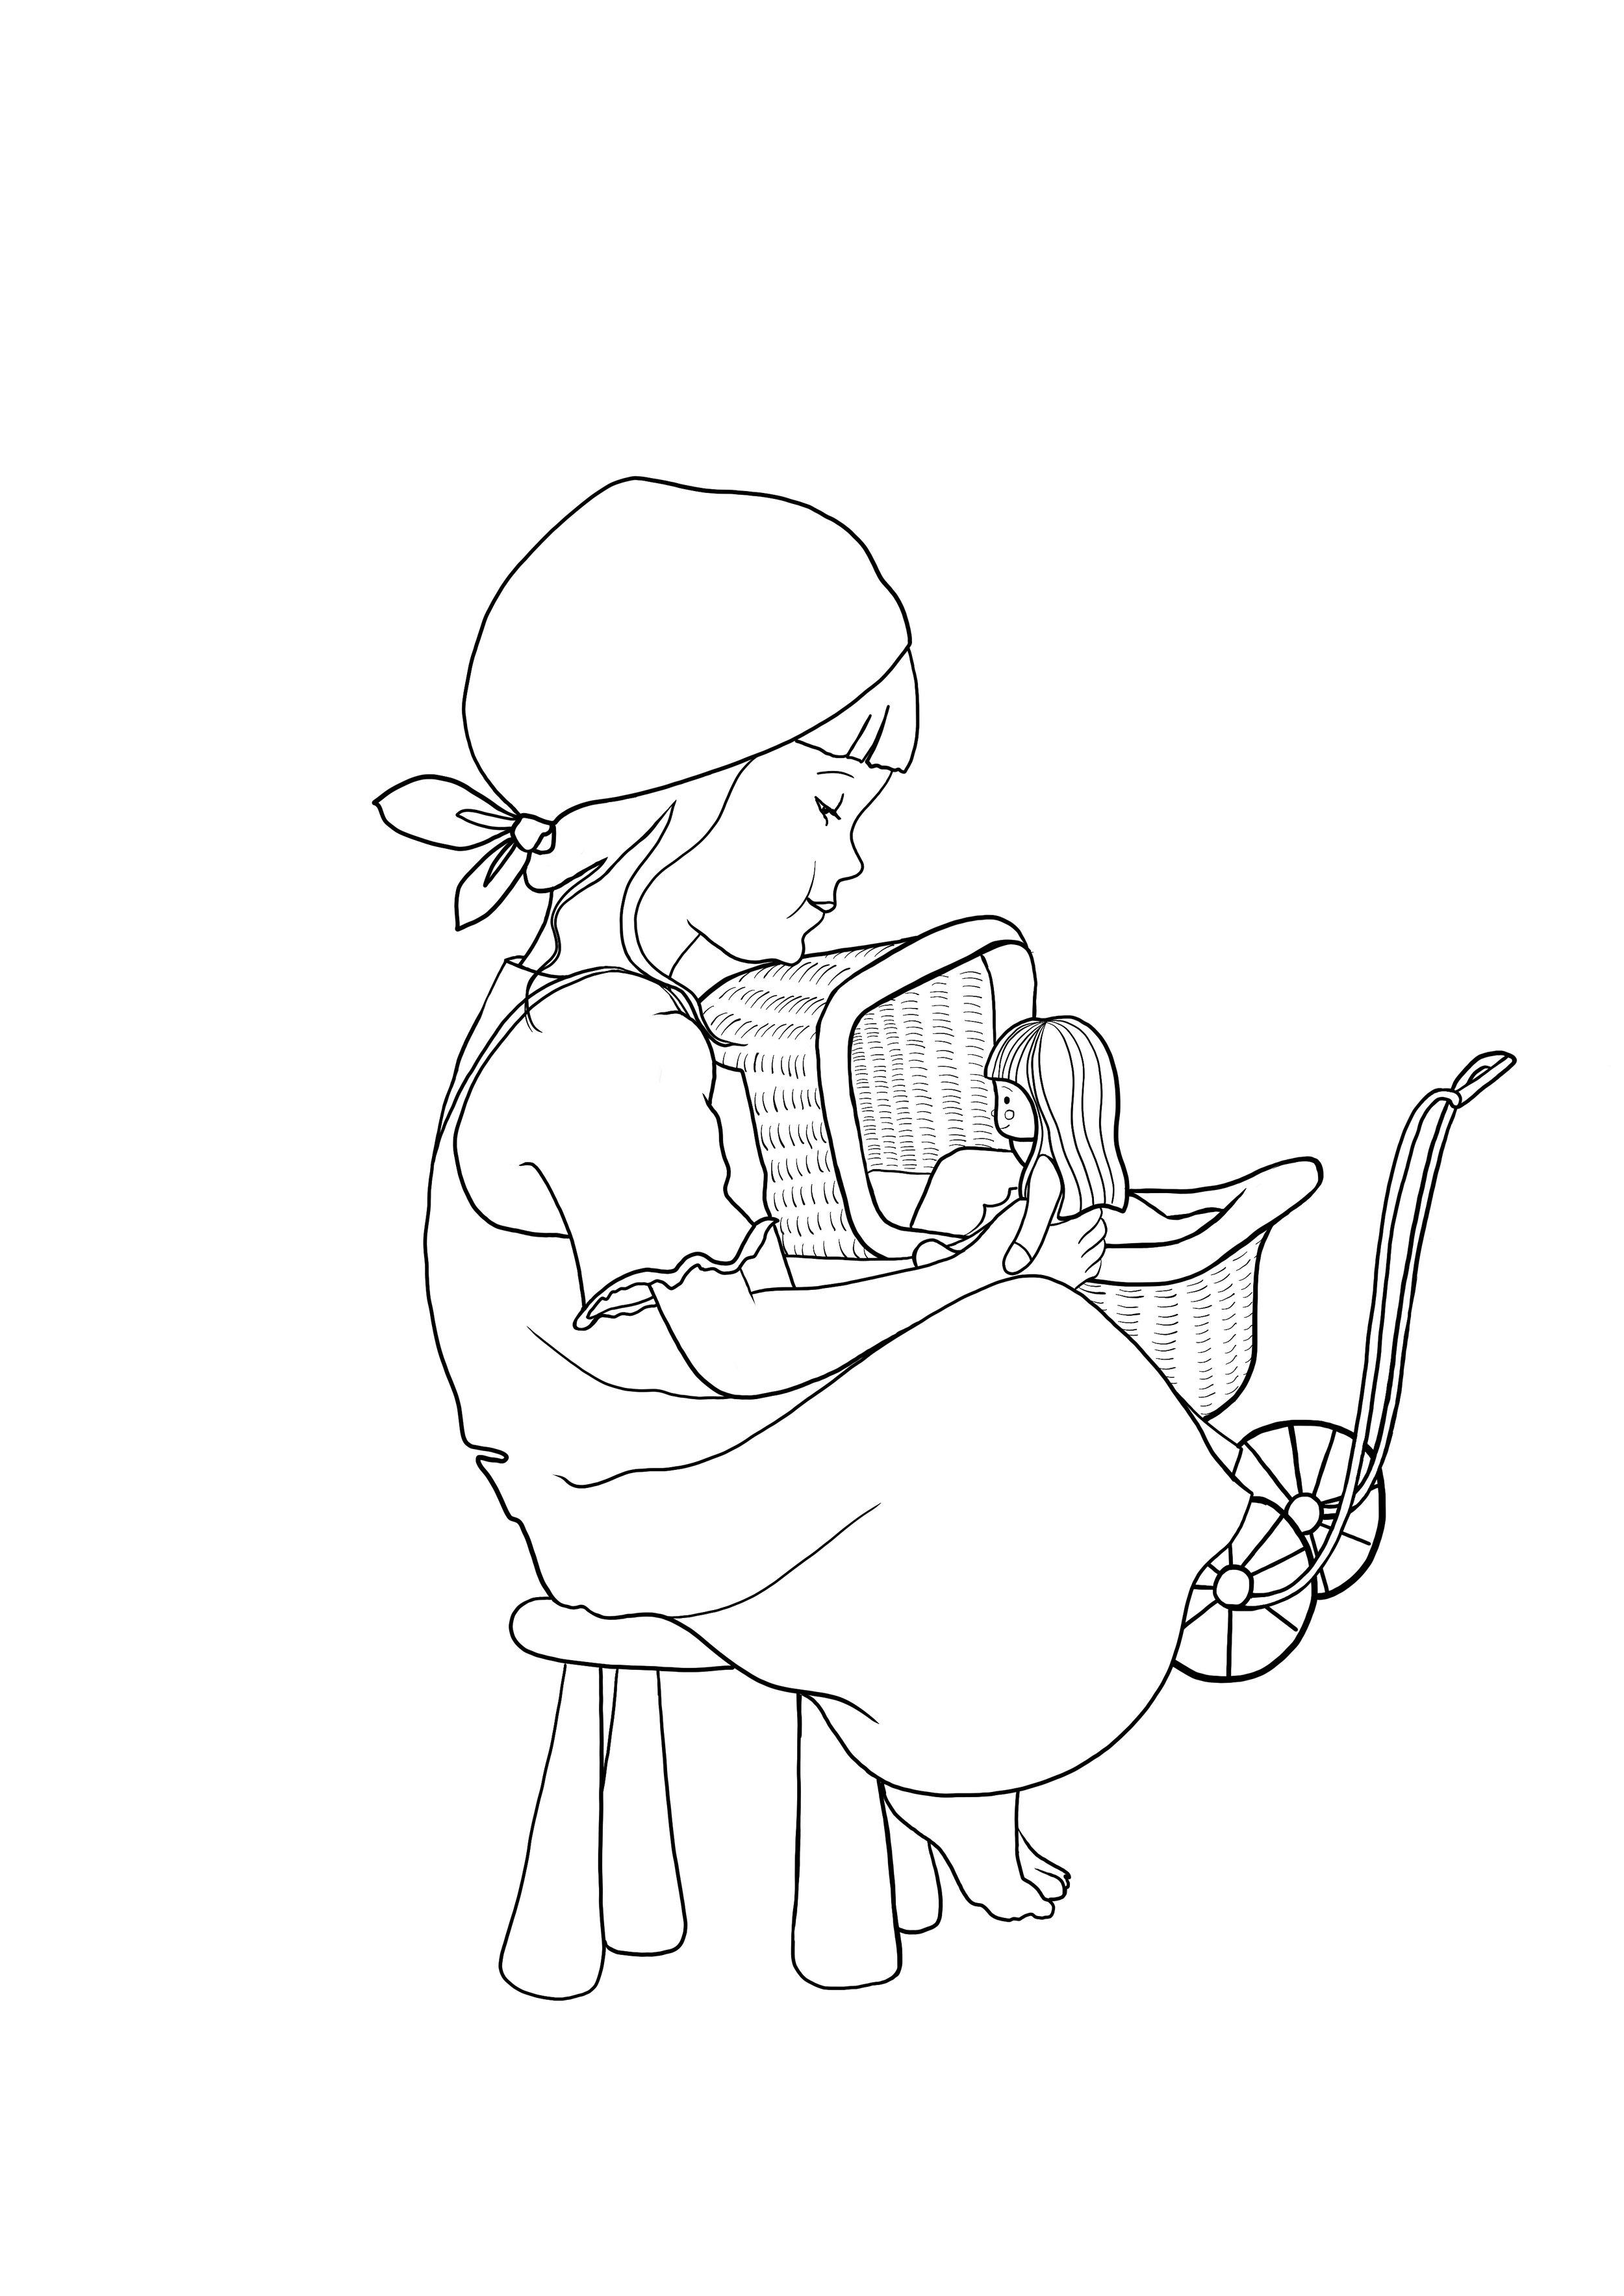 Ilustración_sin_título-4.jpg